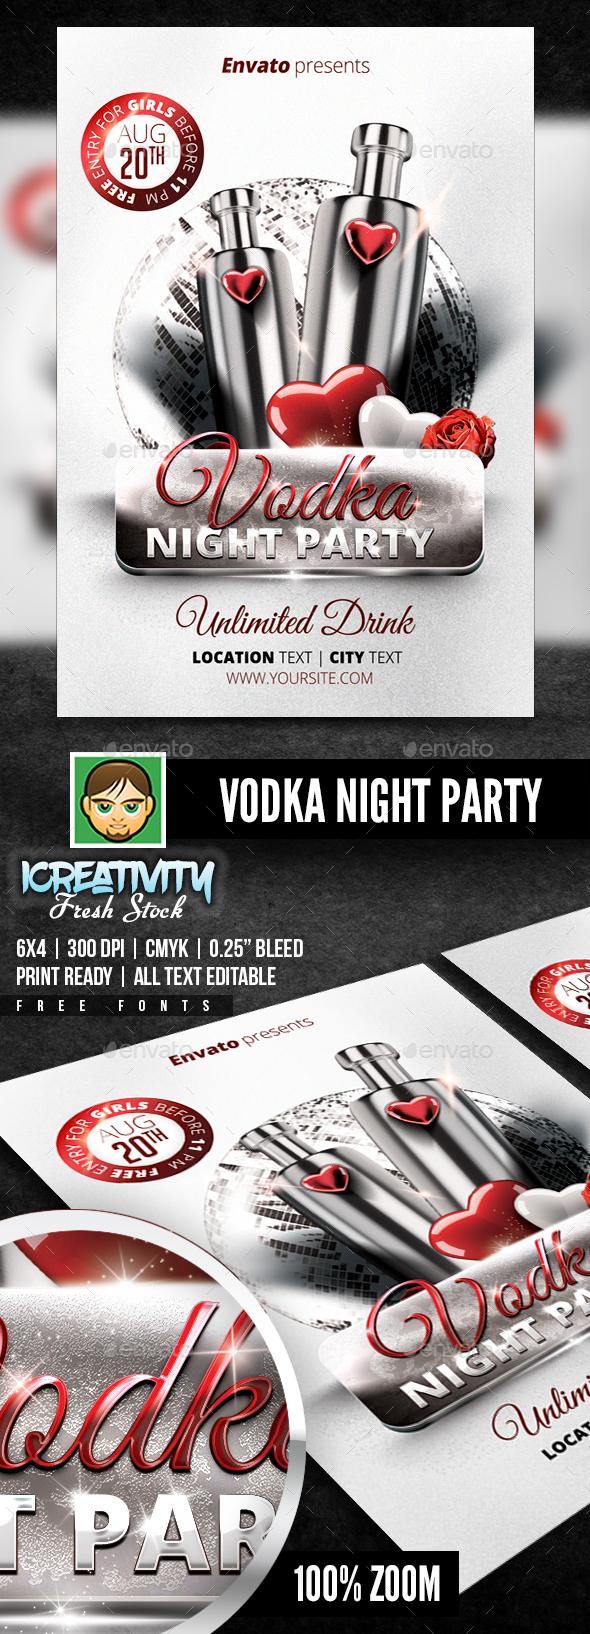 Vodka Night Party Flyer - Flyers Print Templates